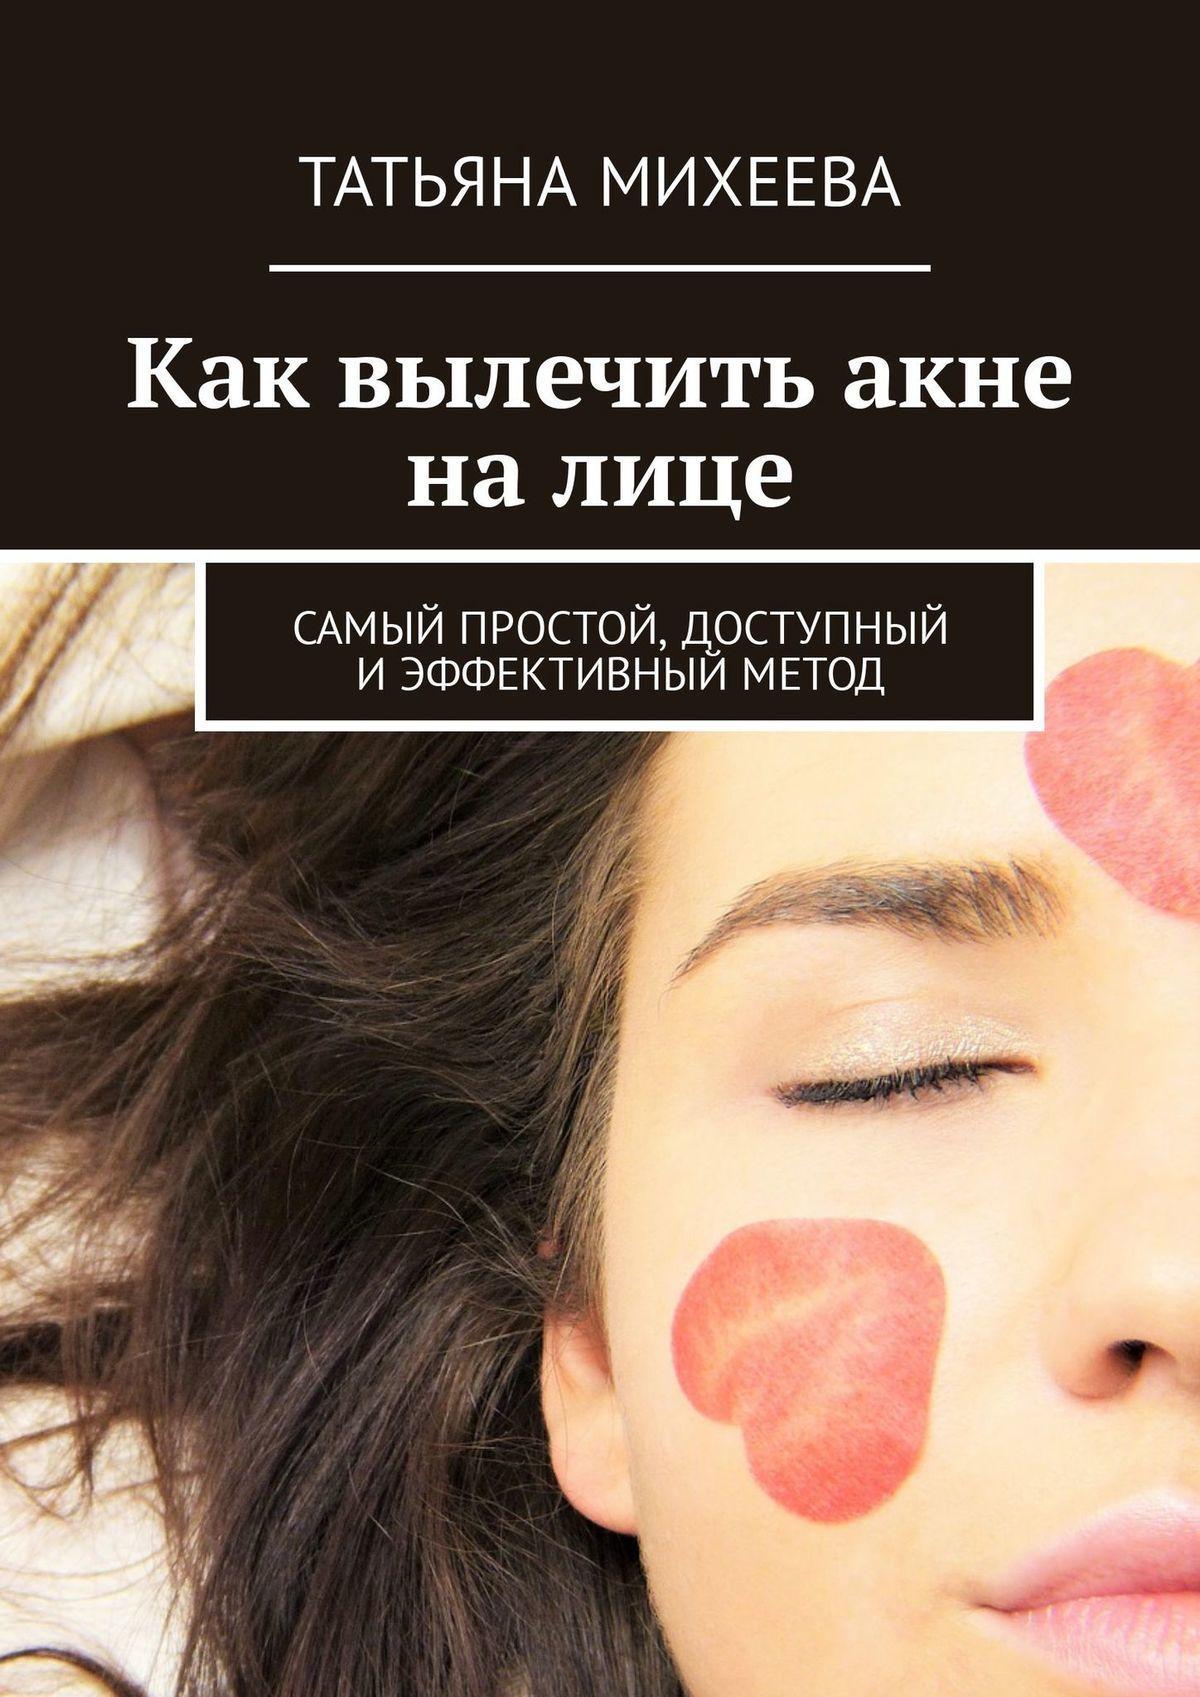 Татьяна Михеева - Как вылечить акне на лице. Самый простой, доступный иэффективный метод